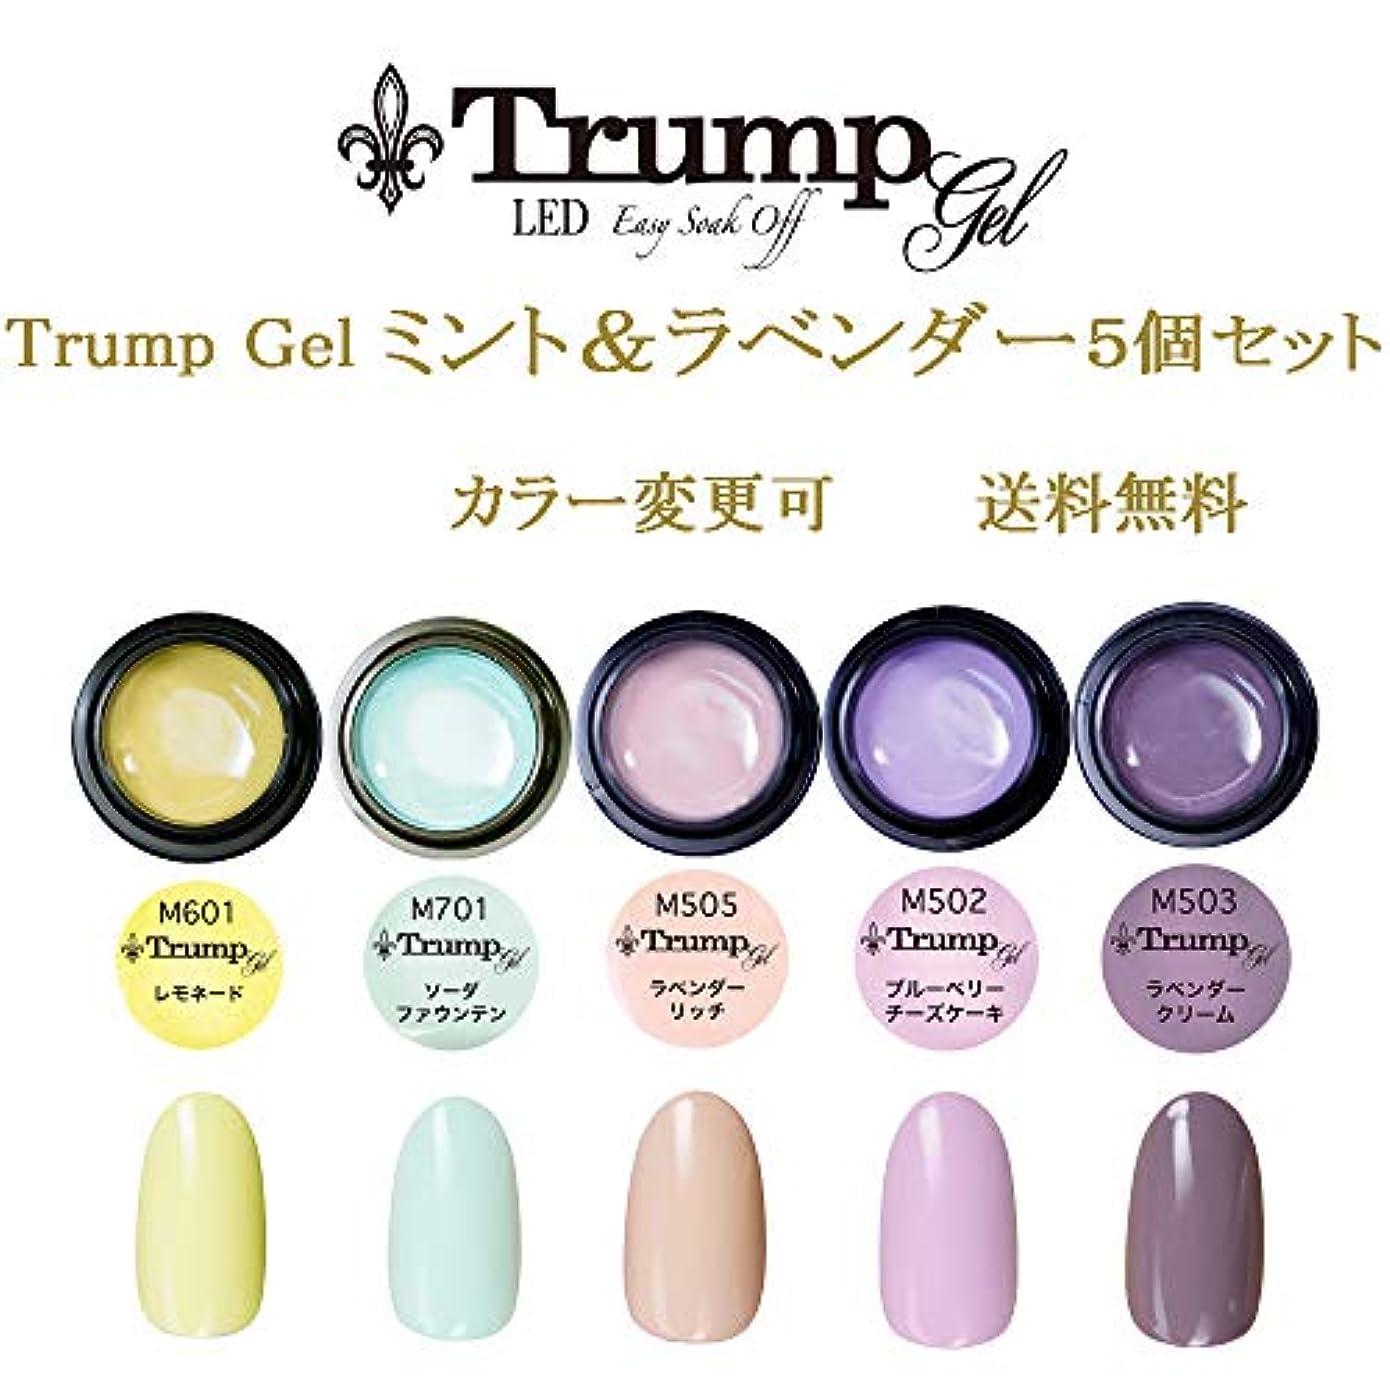 とても多くの手つかずの急勾配の【送料無料】日本製 Trump gel トランプジェル ミント&ラベンダー 選べる カラージェル 5個セット ラベンダー ベージュ ミントカラー